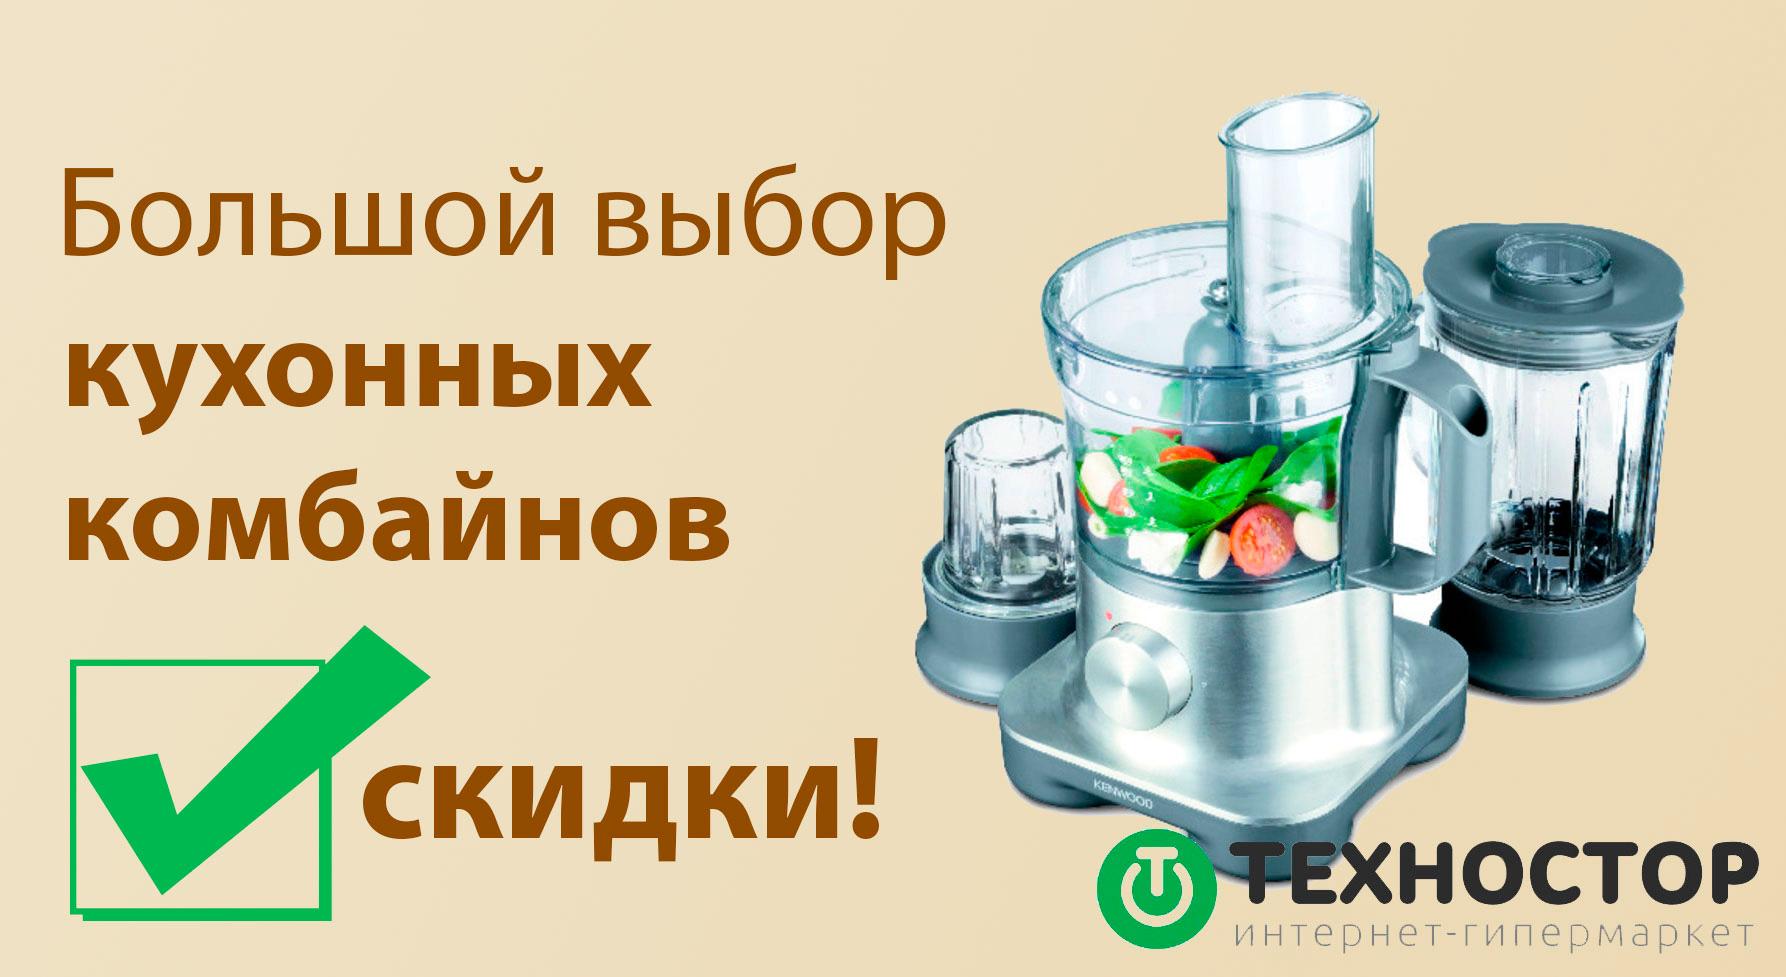 Кухонные комбайны Скидки